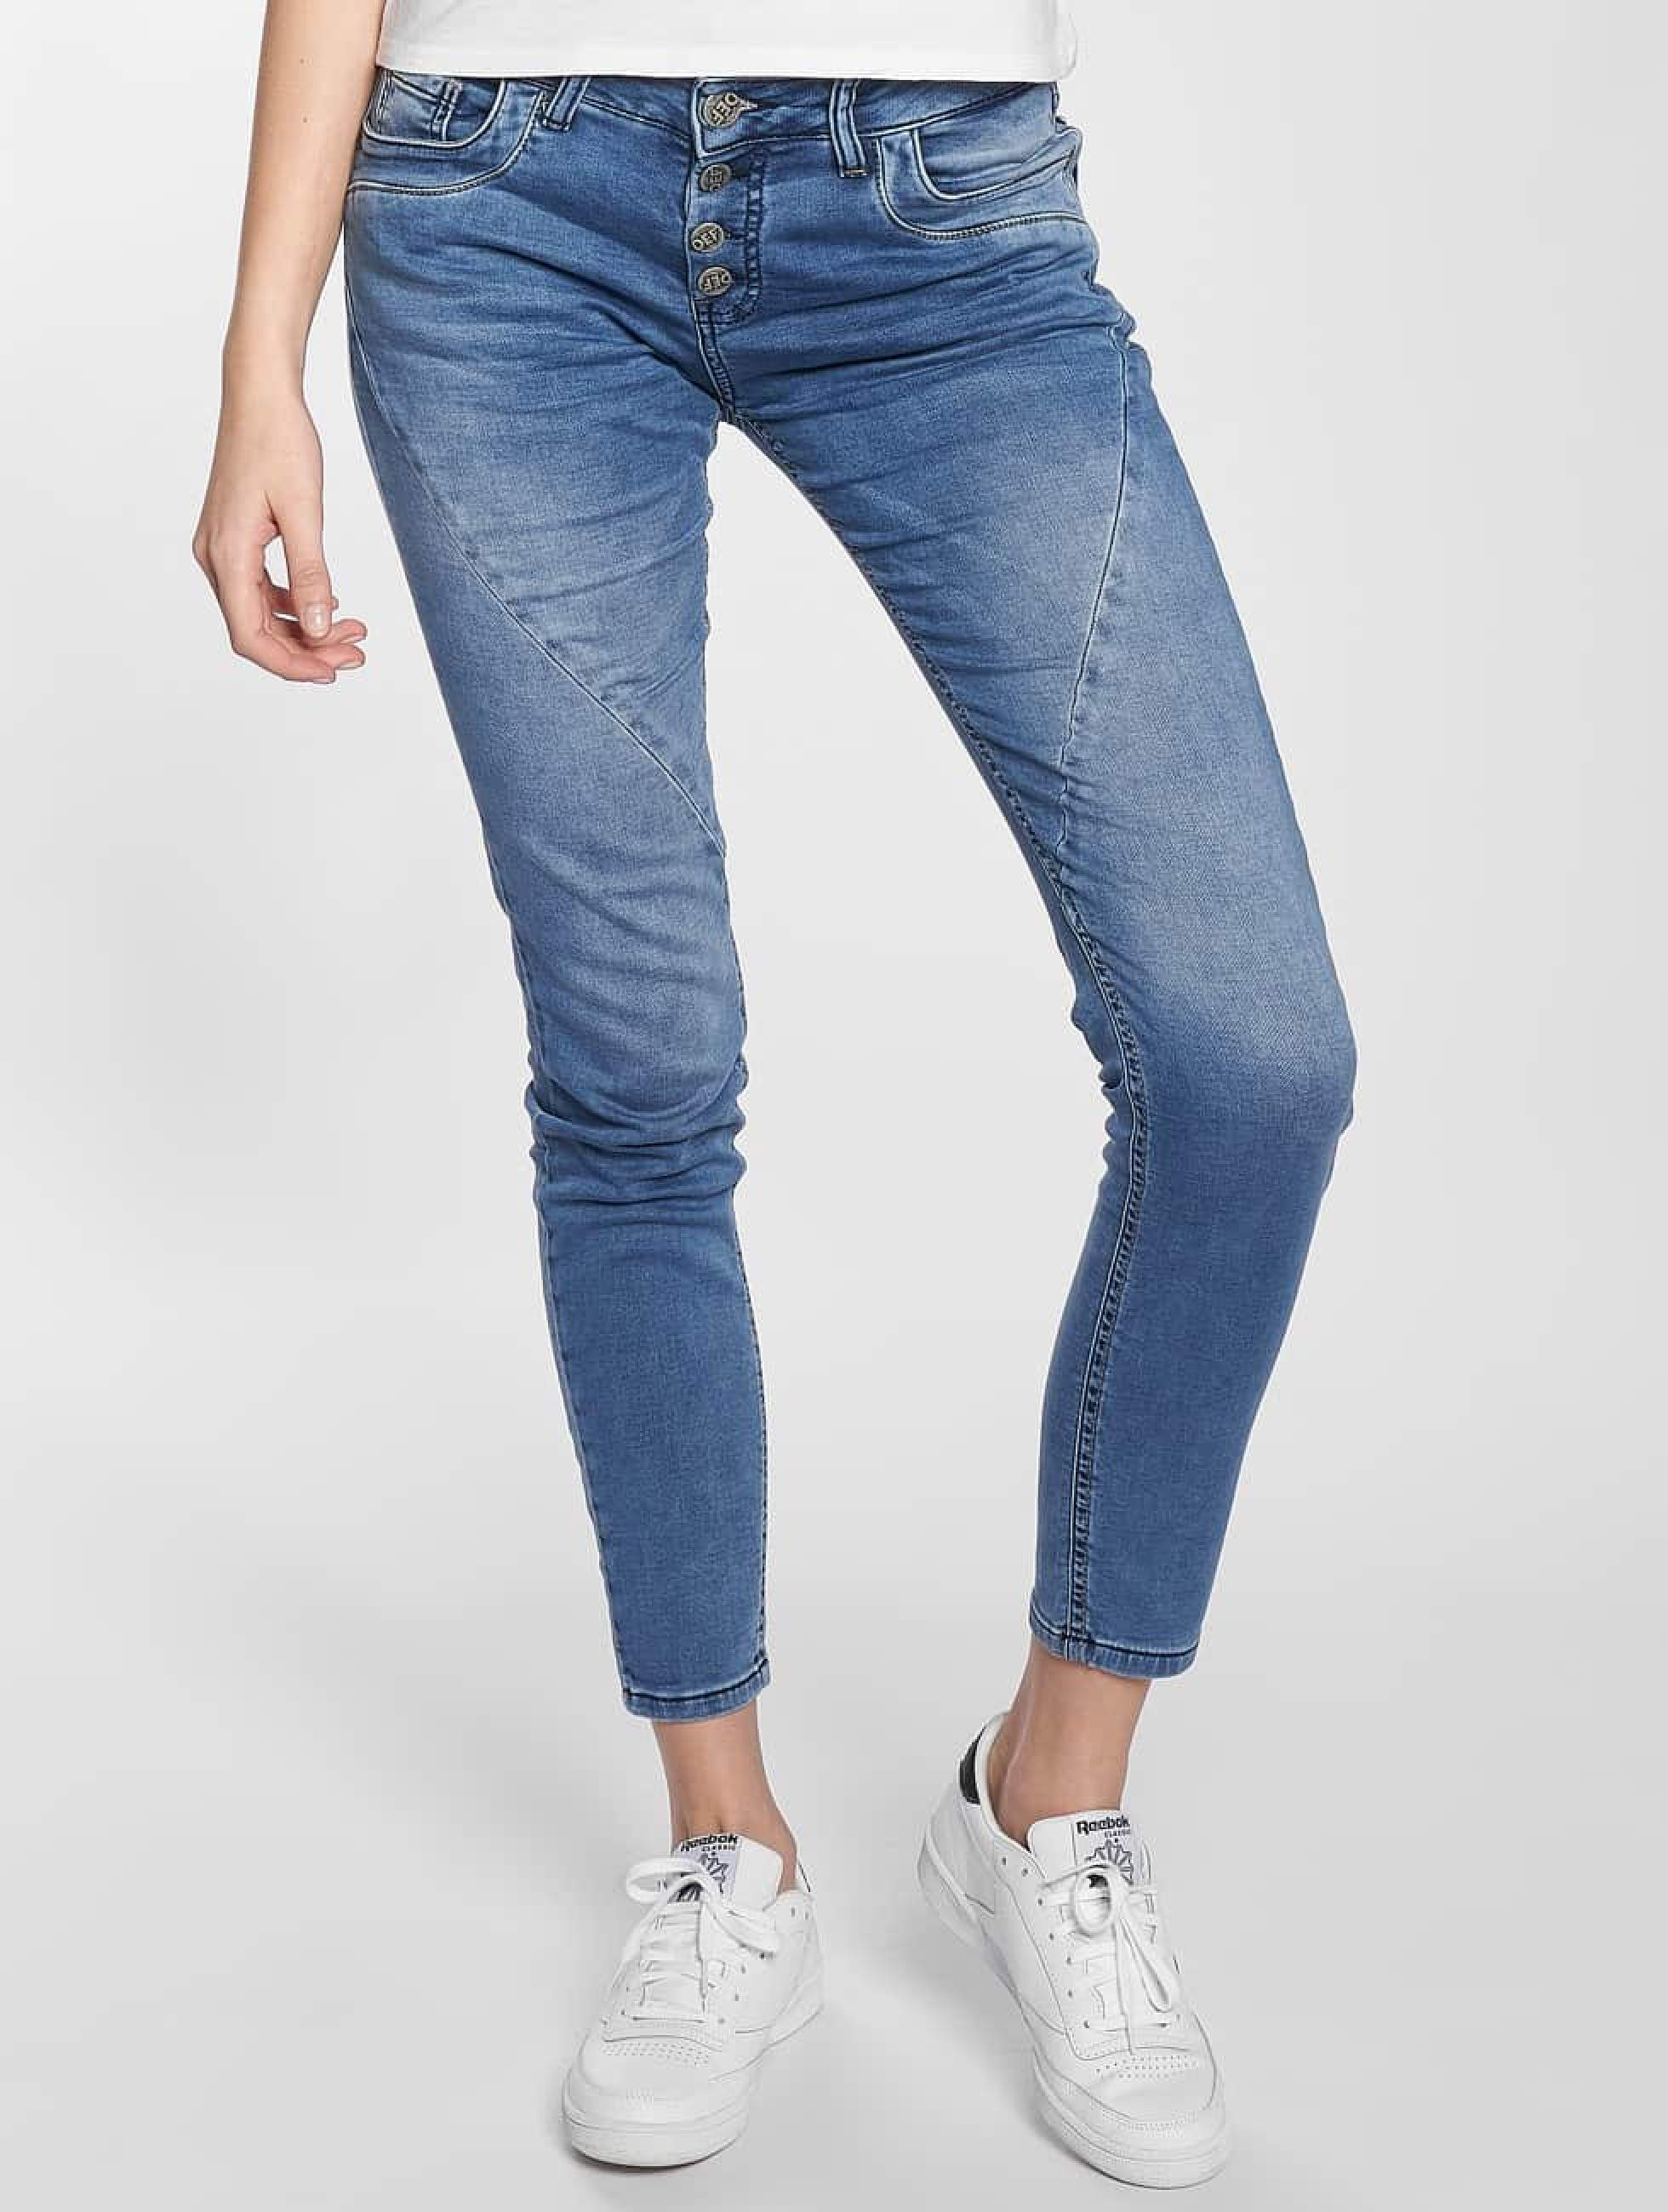 DEF / Boyfriend Jeans Ruby in blue W 26